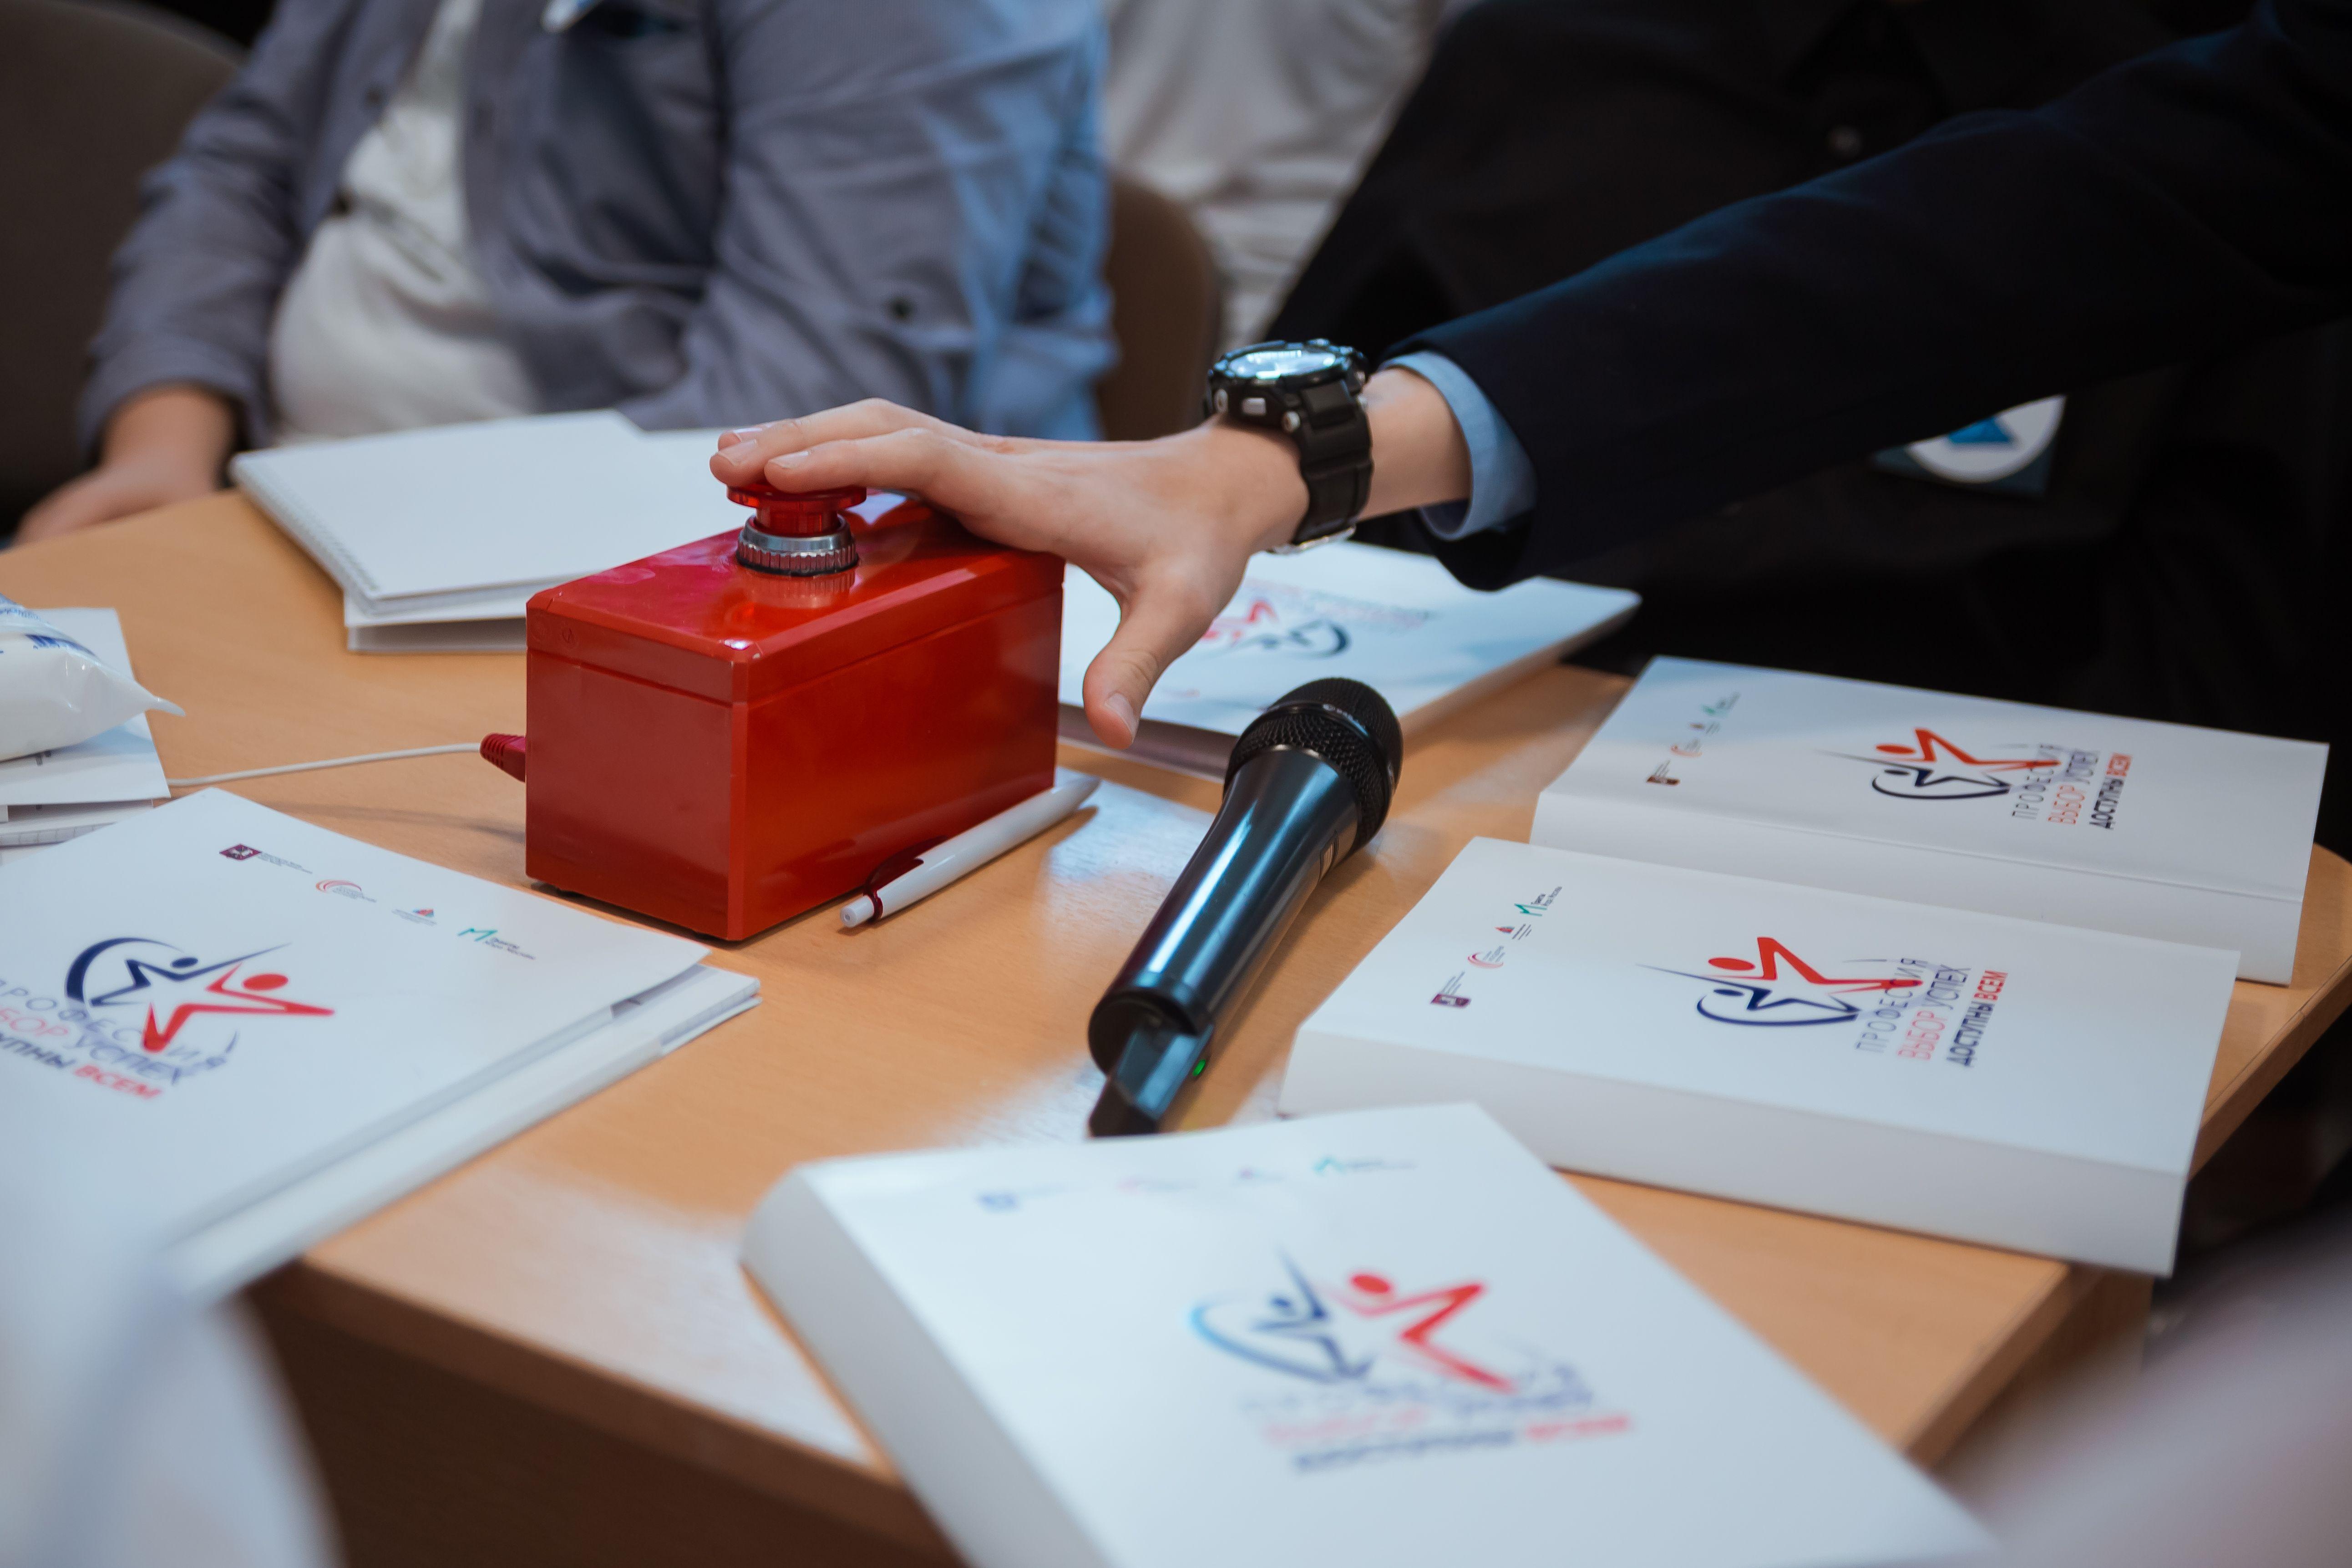 Фото предоставила пресс-служба отдела по работе с НКО в ЮАО ГБУ «Московский дом общественных организаций»